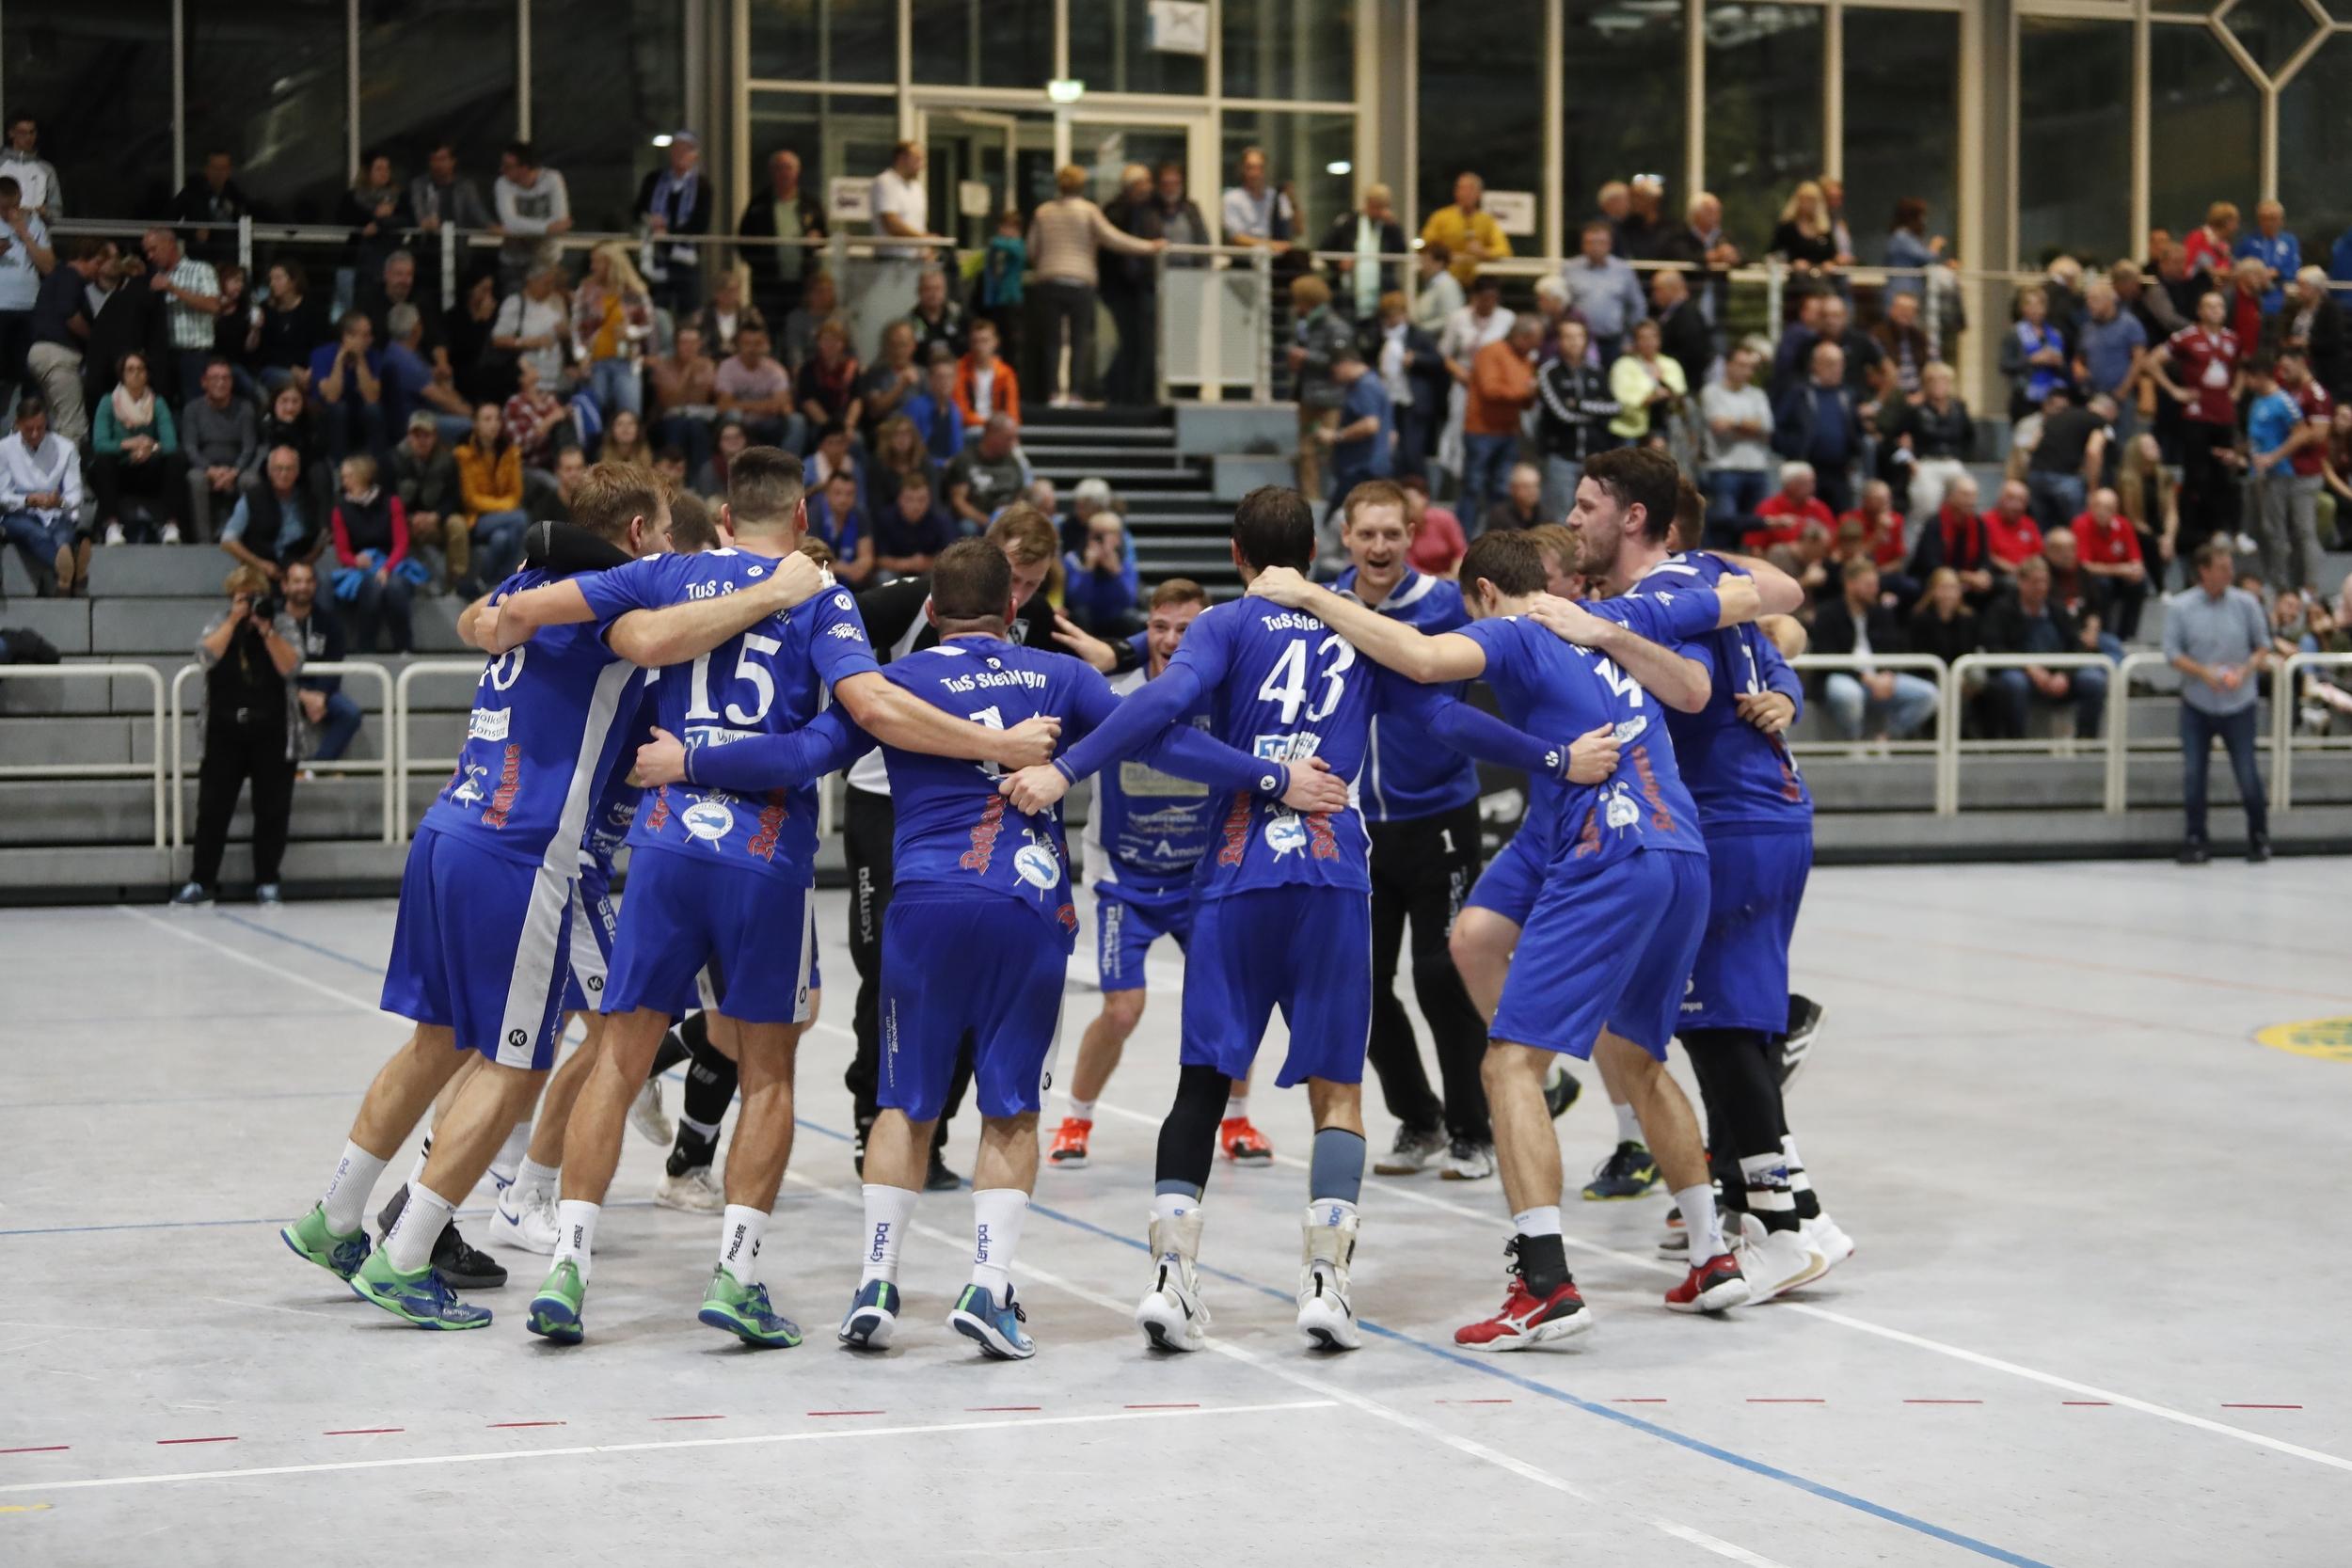 beim Spiel in der Südbadenliga zwischen dem TuS Steißlingen und dem TuS Altenheim in der Mindlestalhalle in Steißlingen